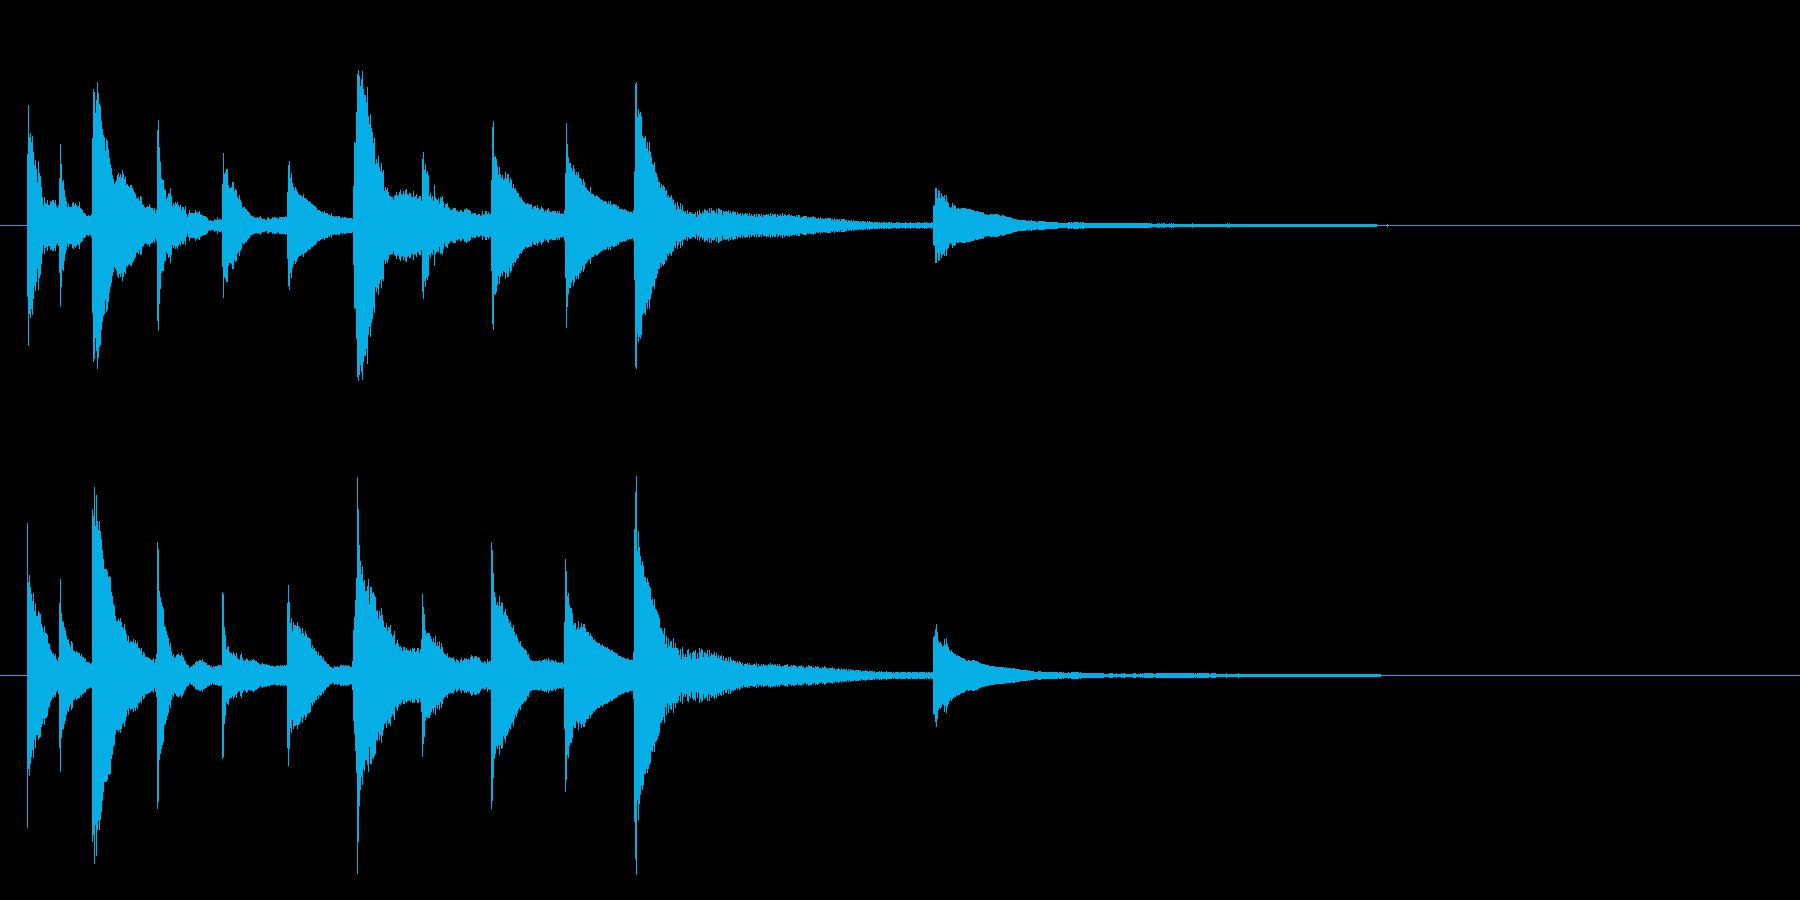 切ないピアノソロジングルの再生済みの波形